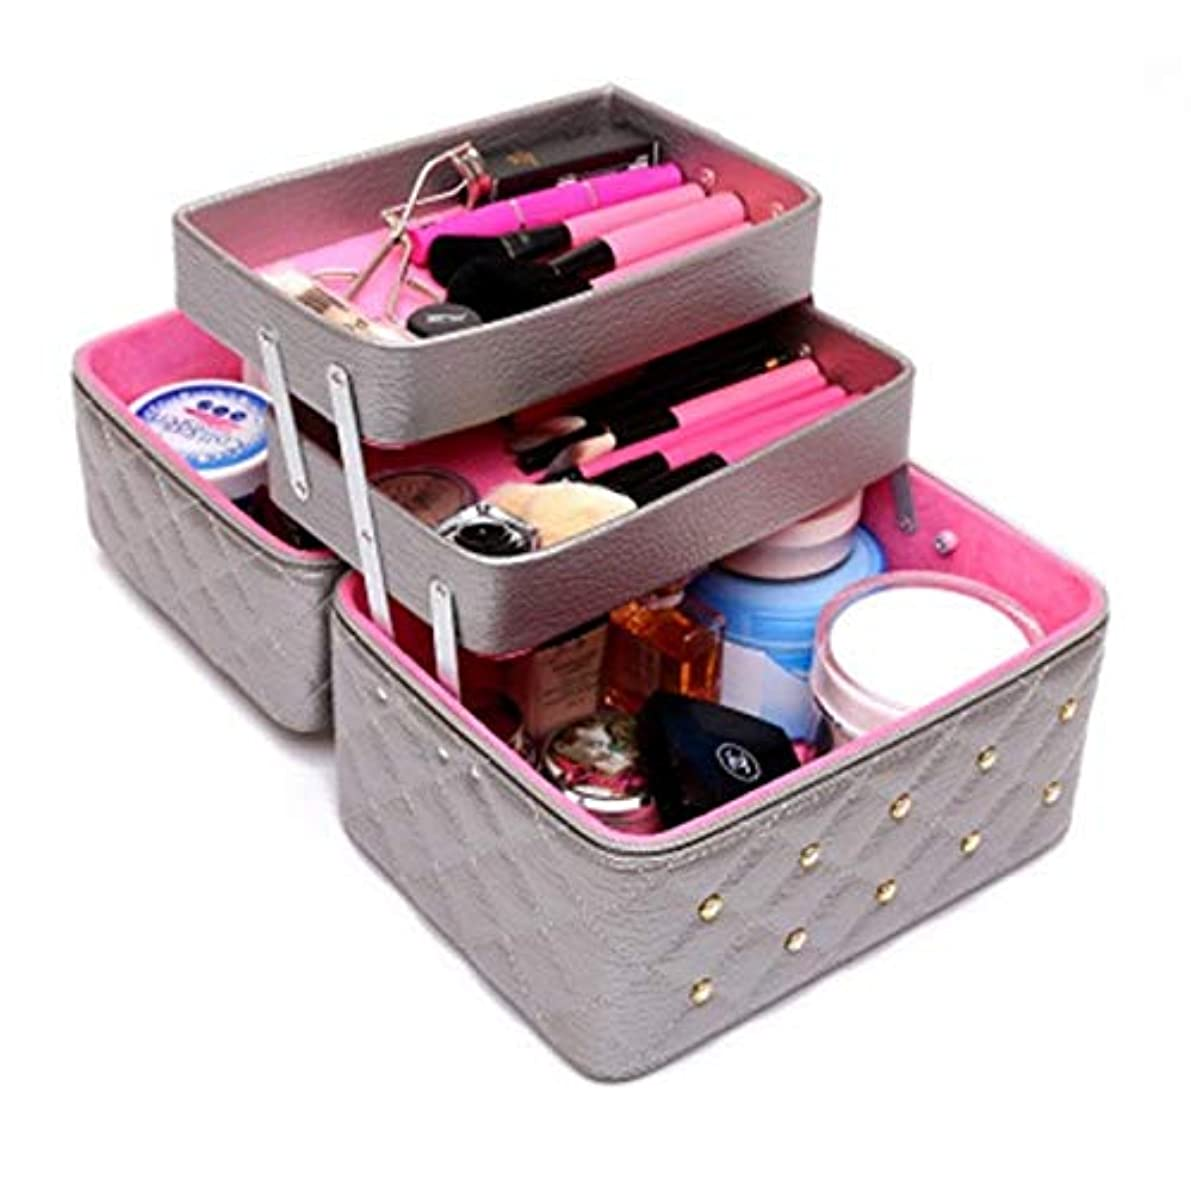 変更可能プライム思いやりのある持ち運びできる メイクボックス 大容量 取っ手付き コスメボックス 化粧品収納ボックス 収納ケース 小物入れ (ライトグレー)